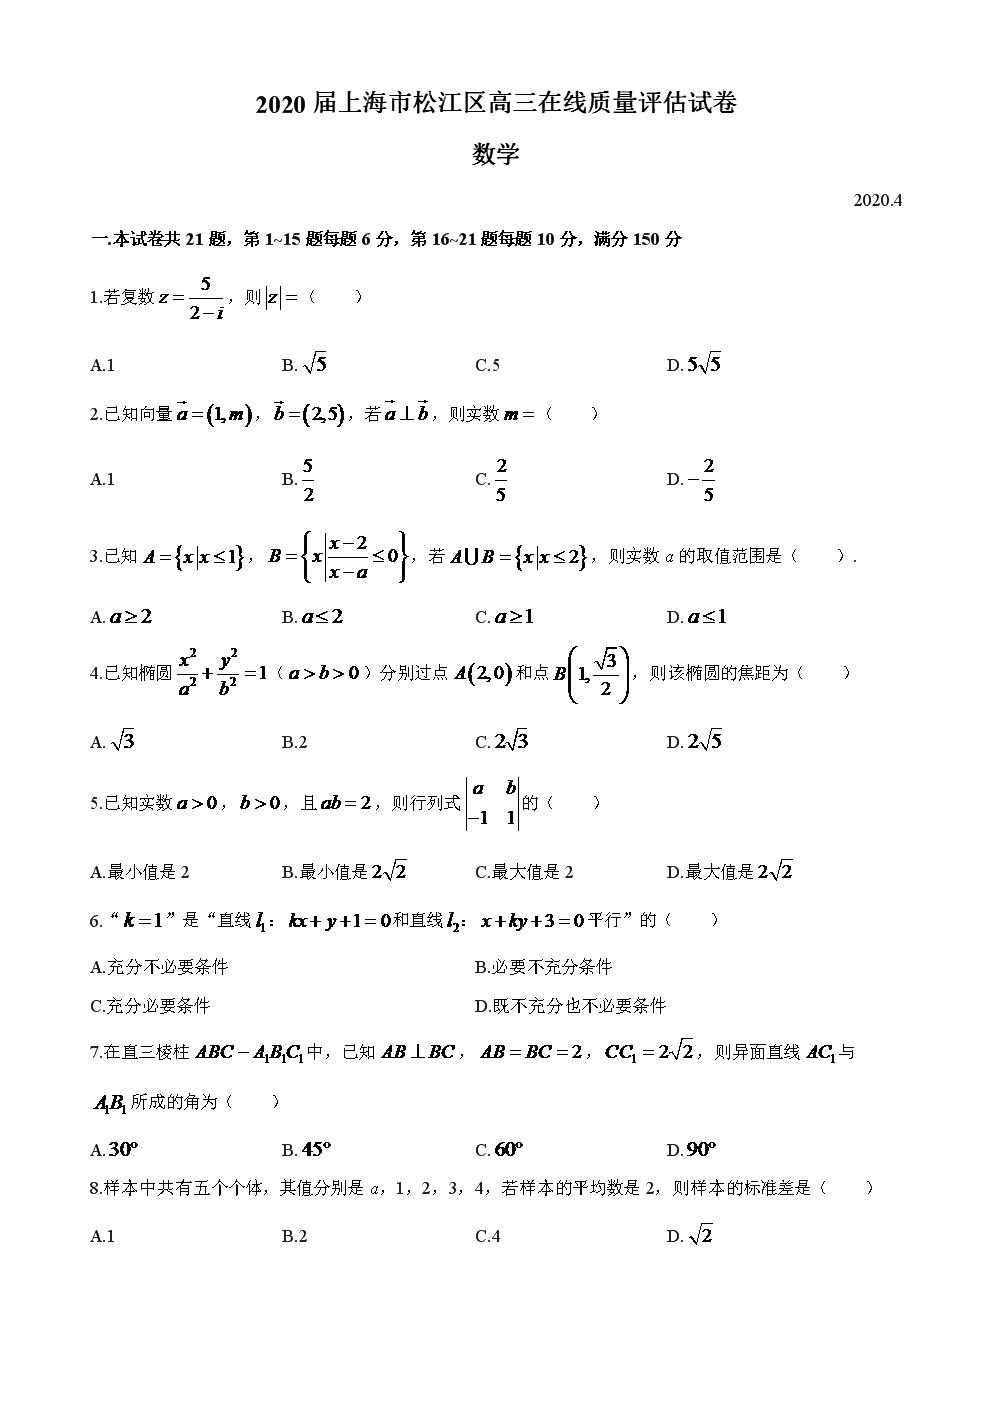 上海市松江區2020屆高三數學在線質量評估試卷(4月)含答案.docx